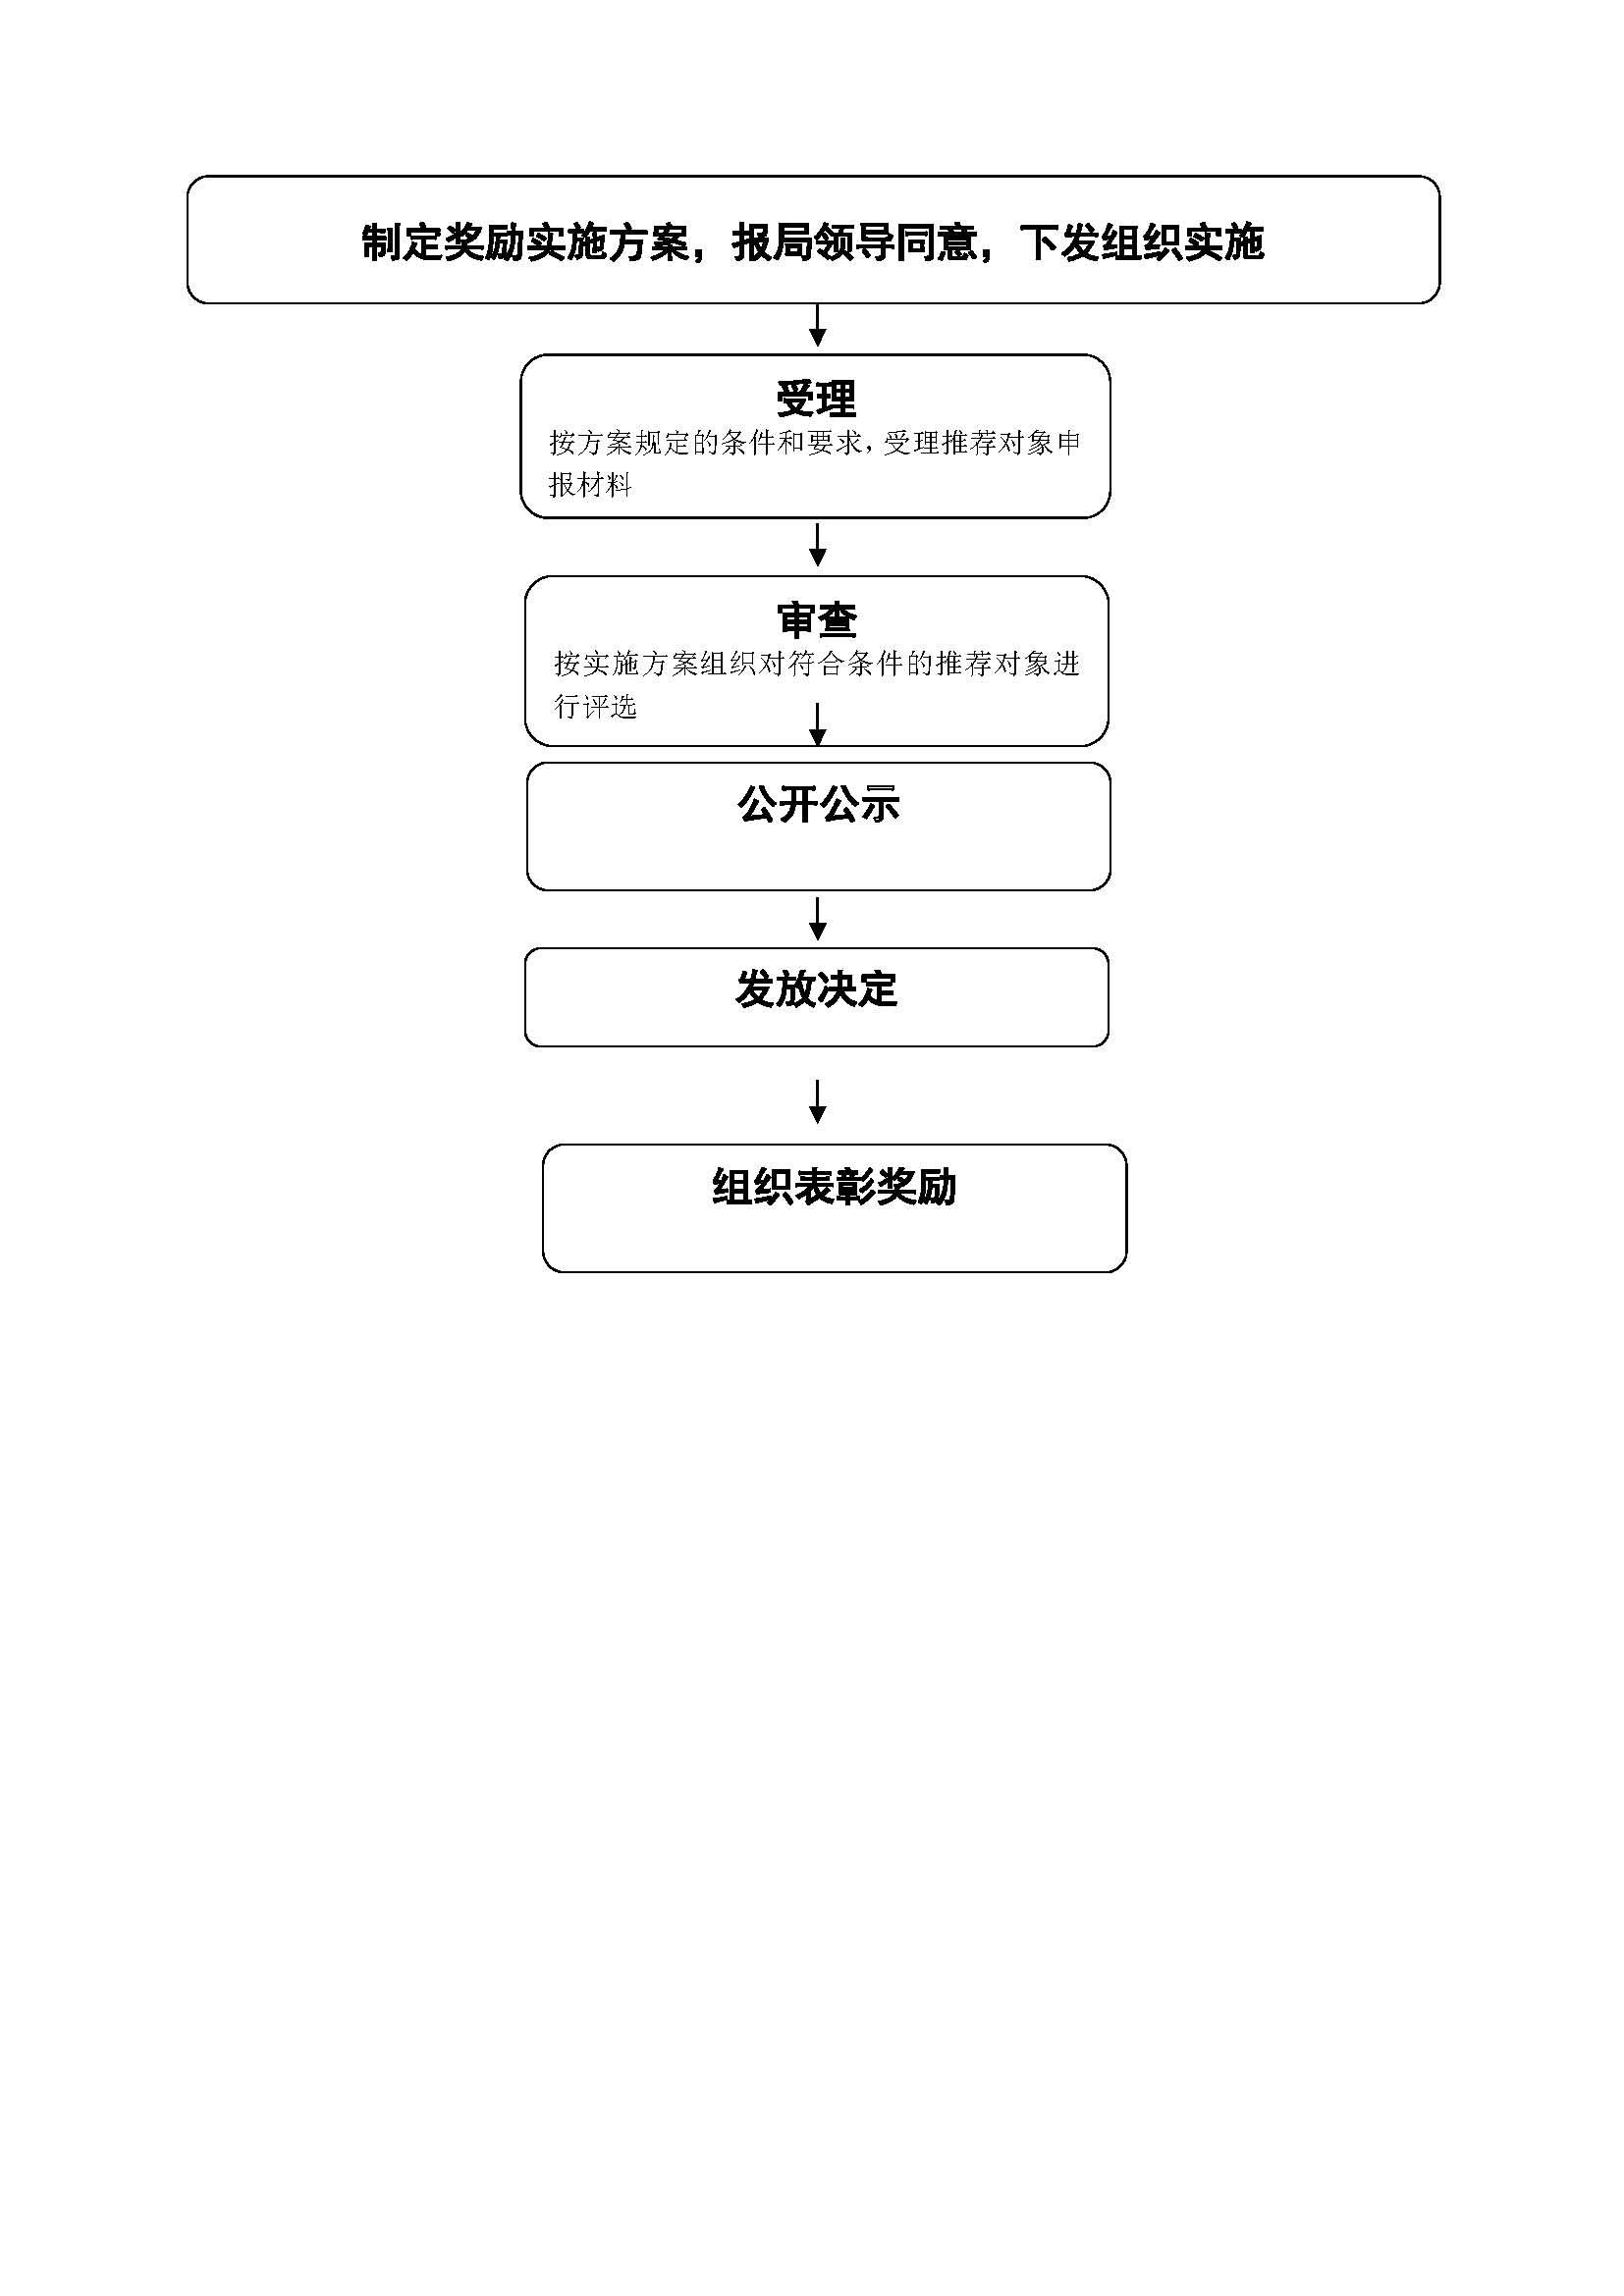 大庆市文化广电新闻出版局行政奖励流程图.jpg